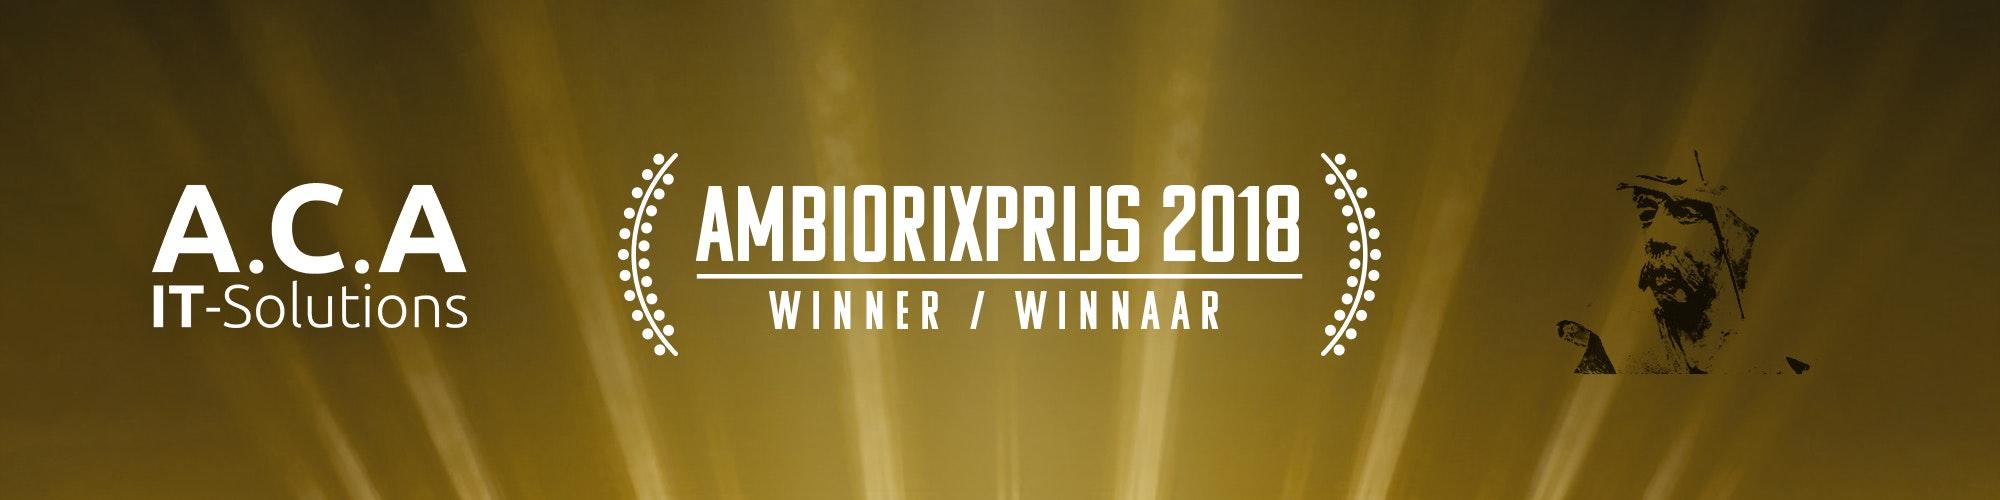 ACA wins Ambiorixprijs 2018